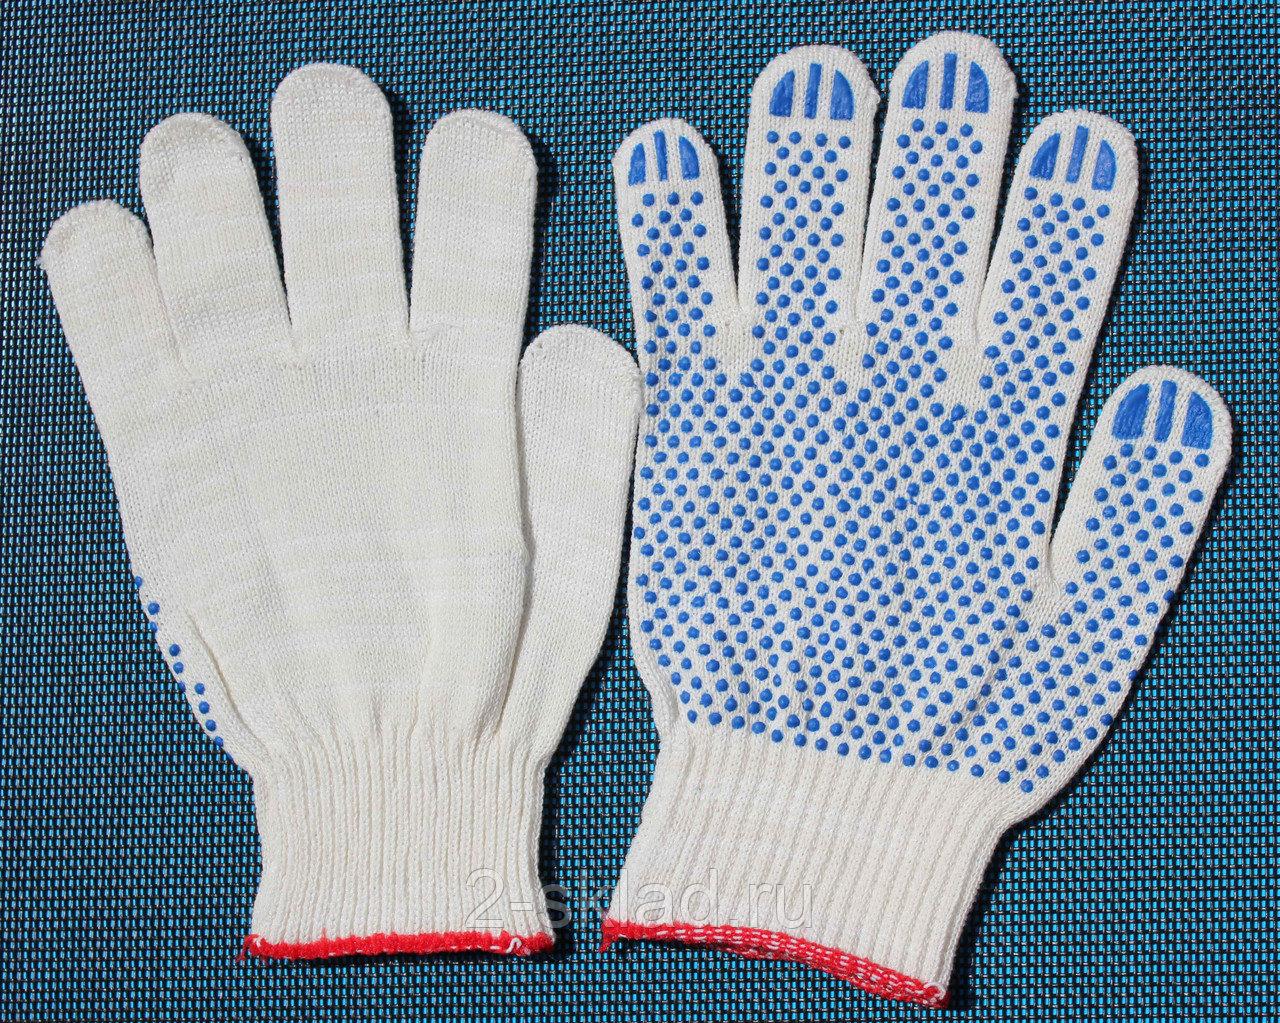 Хлопчатобумажные перчатки с напылением ПВХ лучшего качества